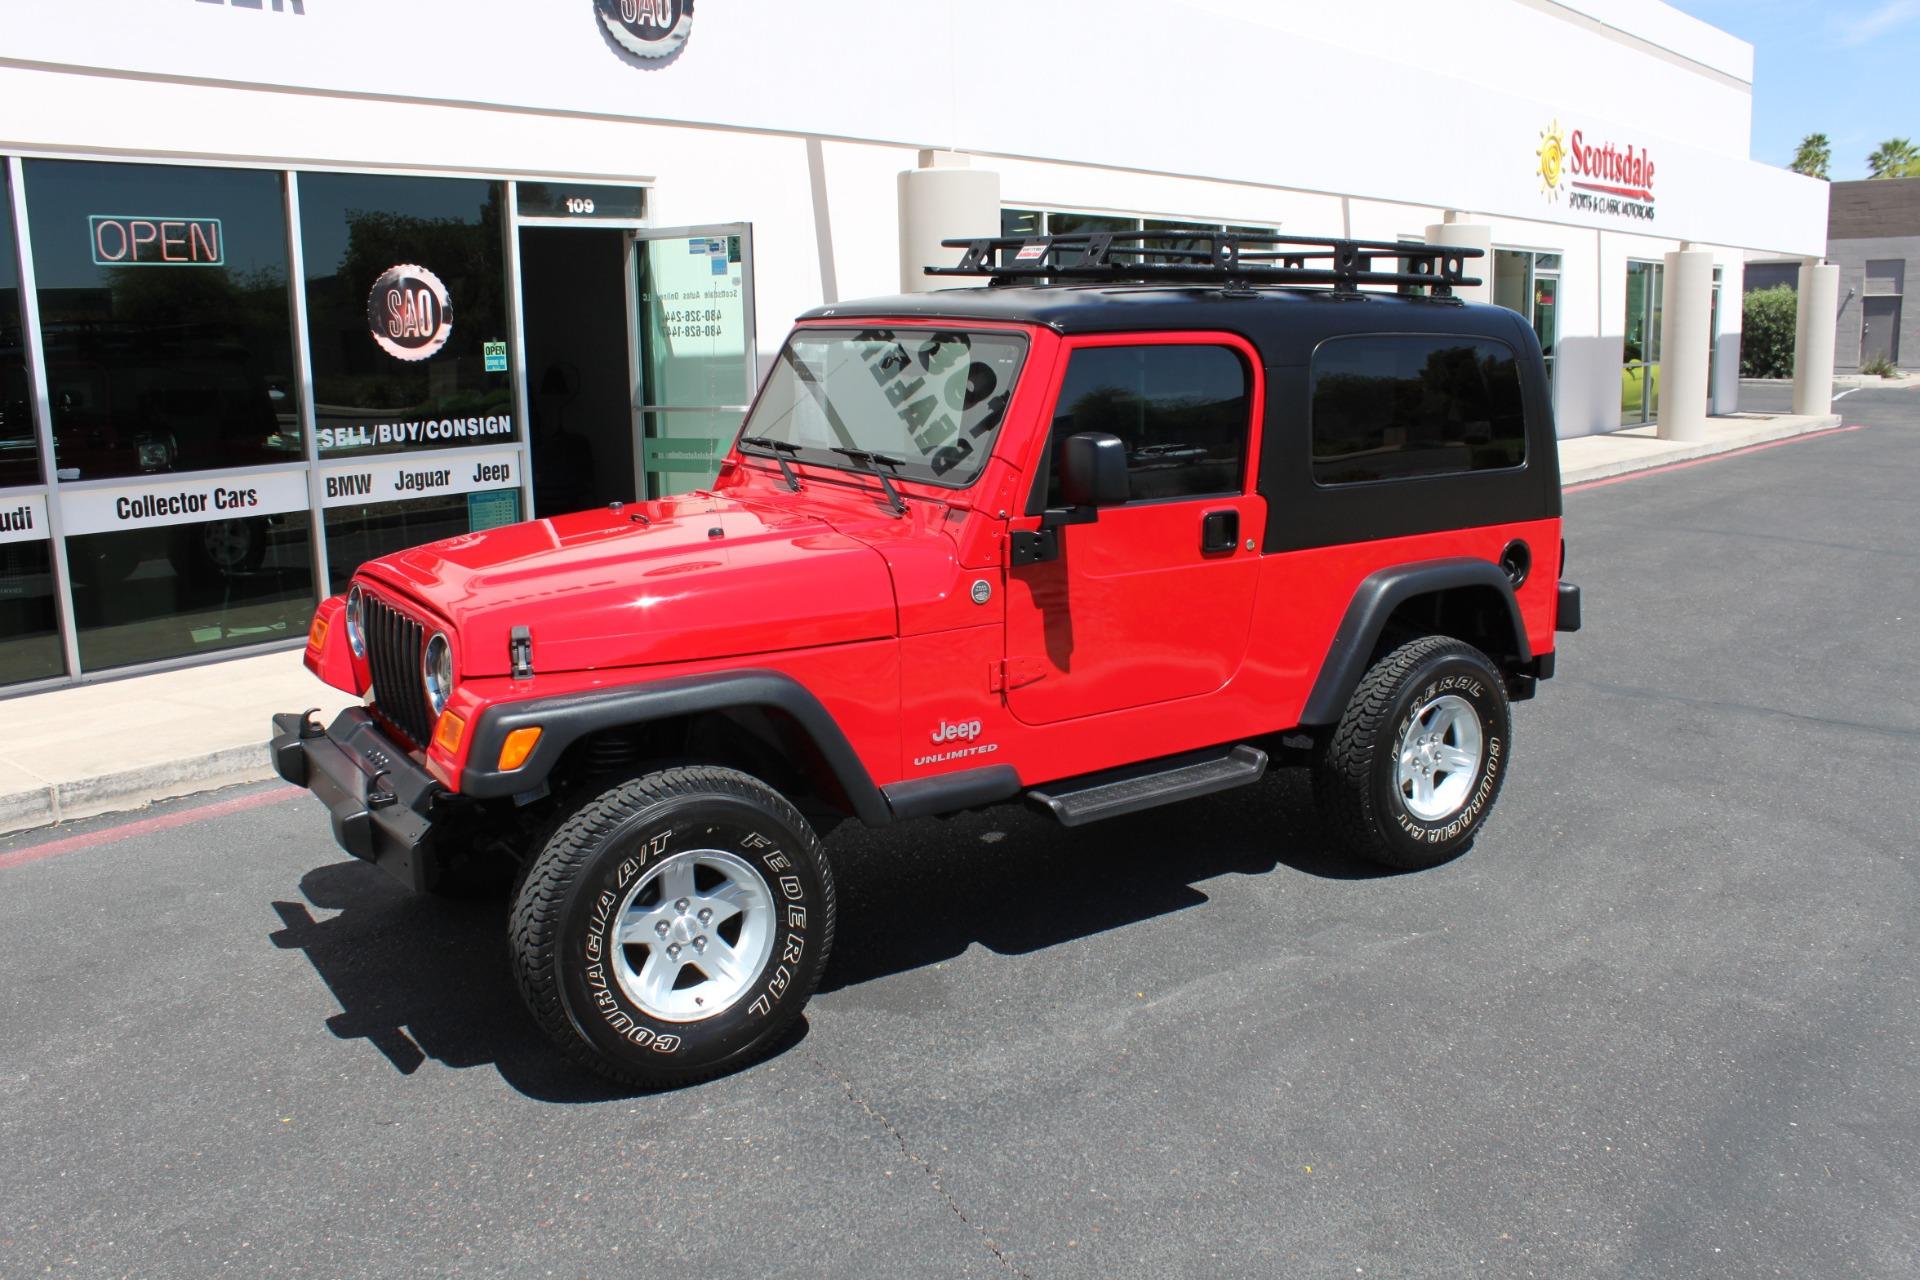 Used-2006-Jeep-Wrangler-4X4-LJ-Unlimited-LWB-Acura